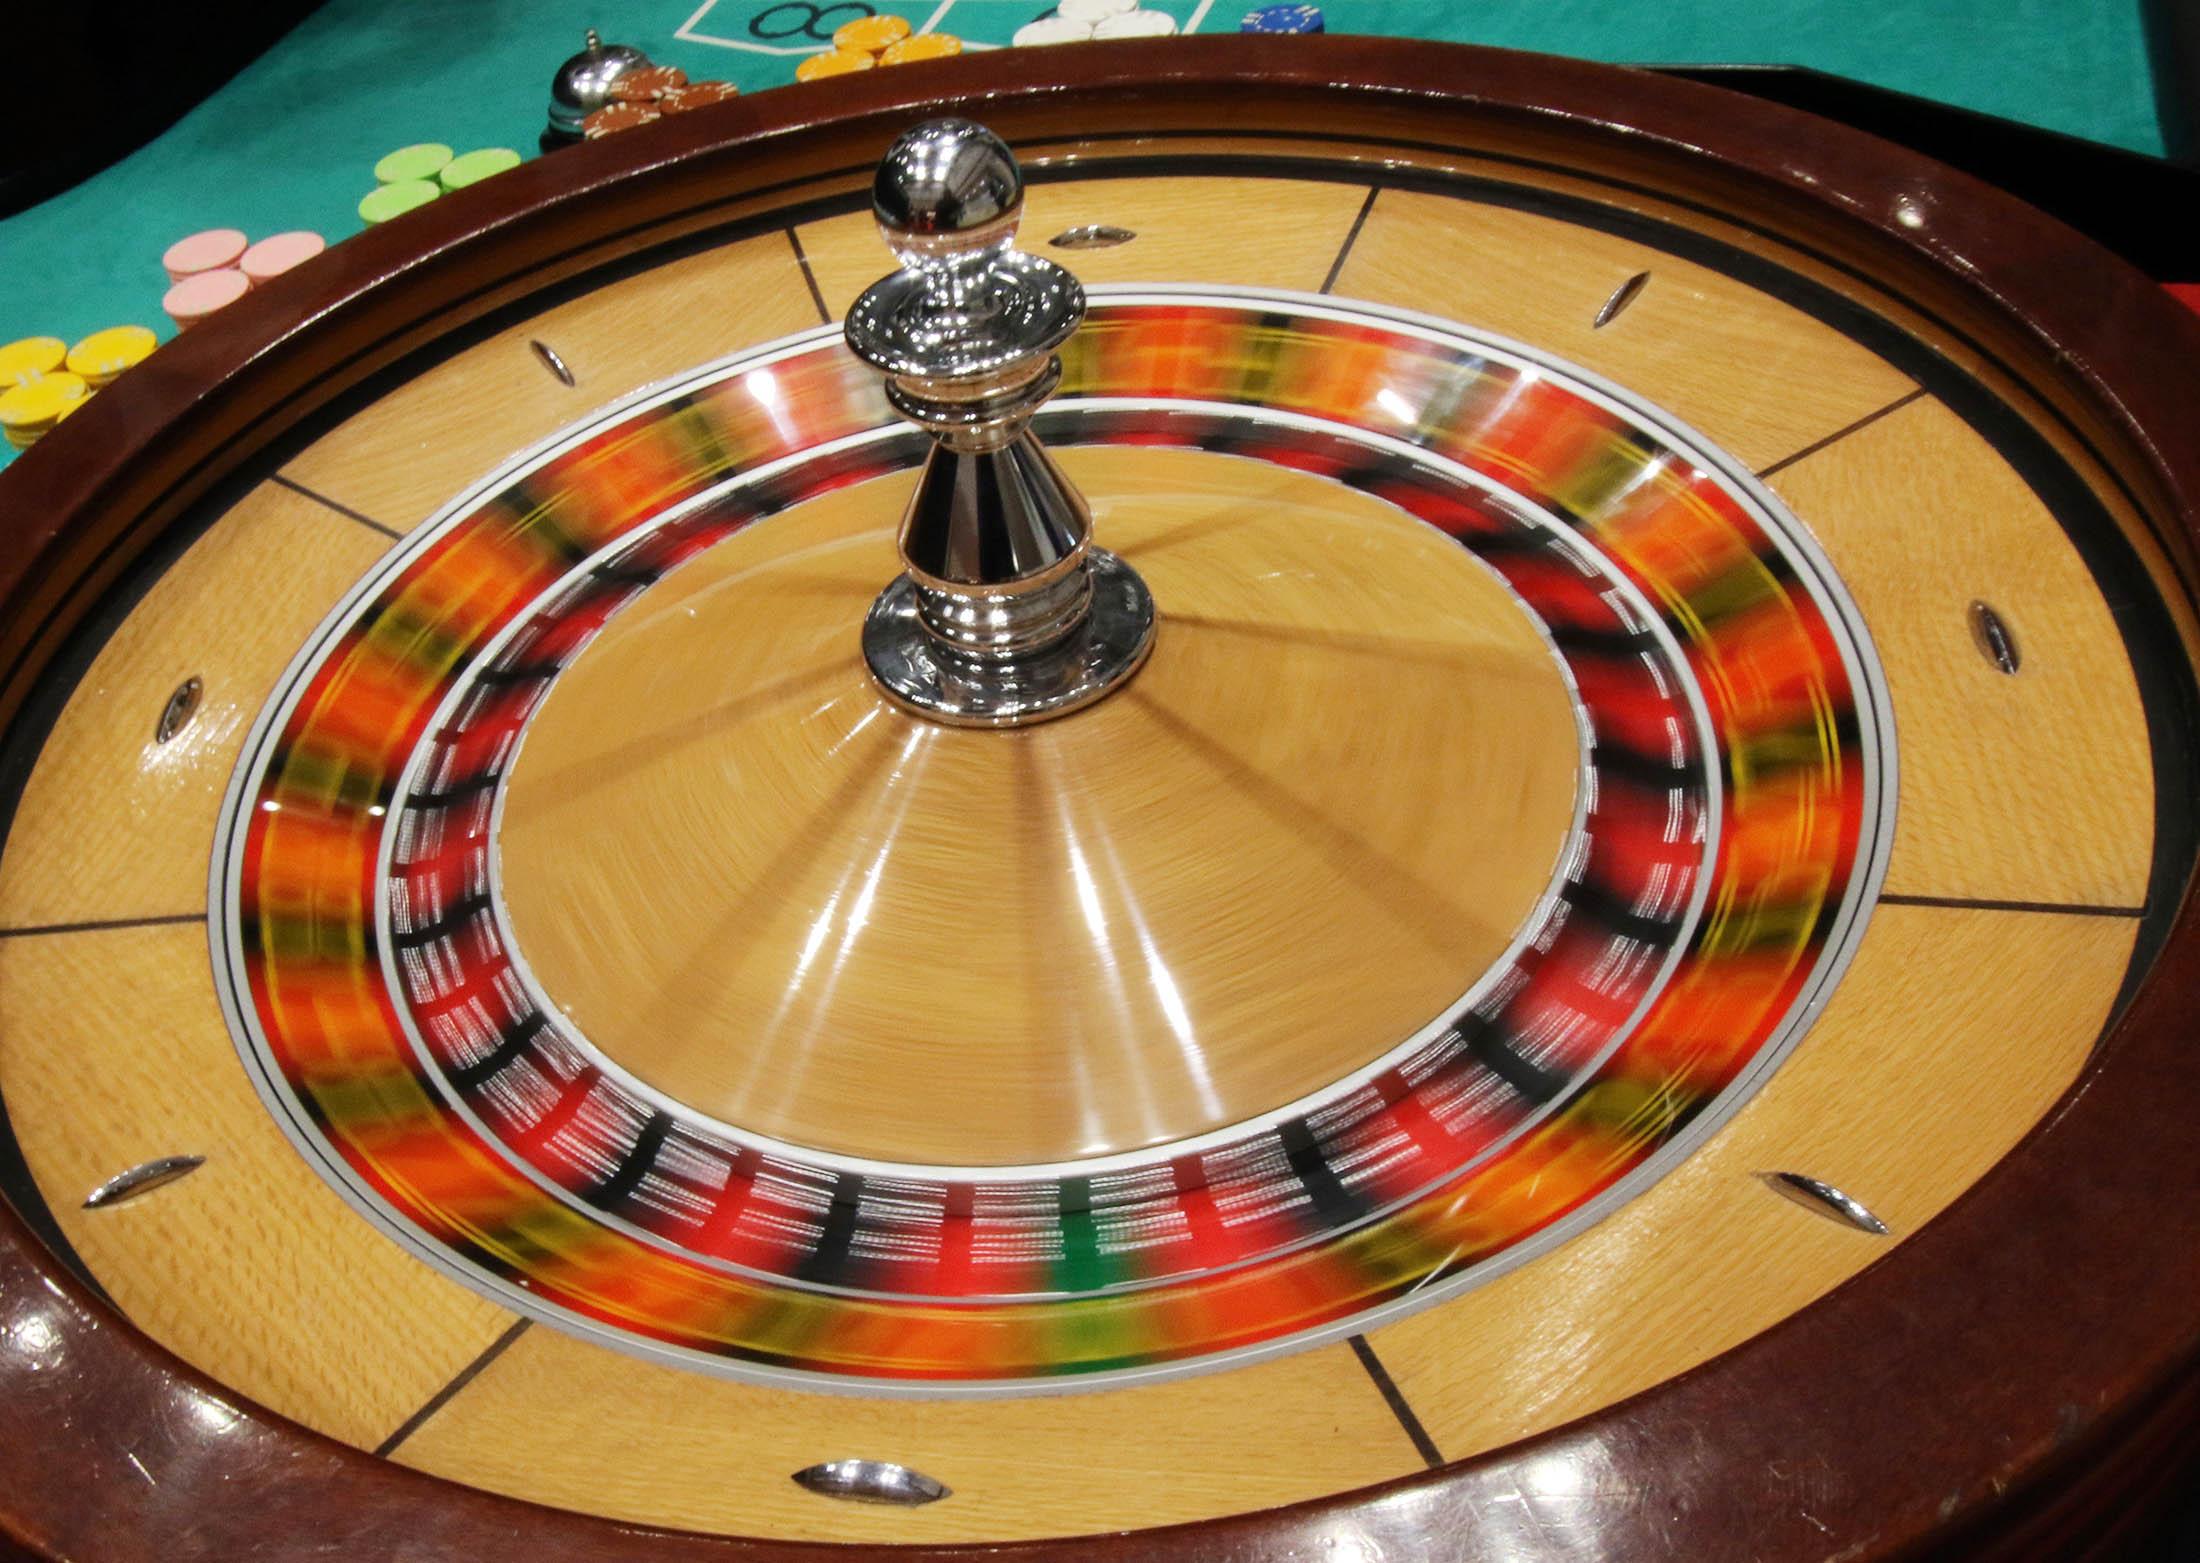 Bloomberg casino japan